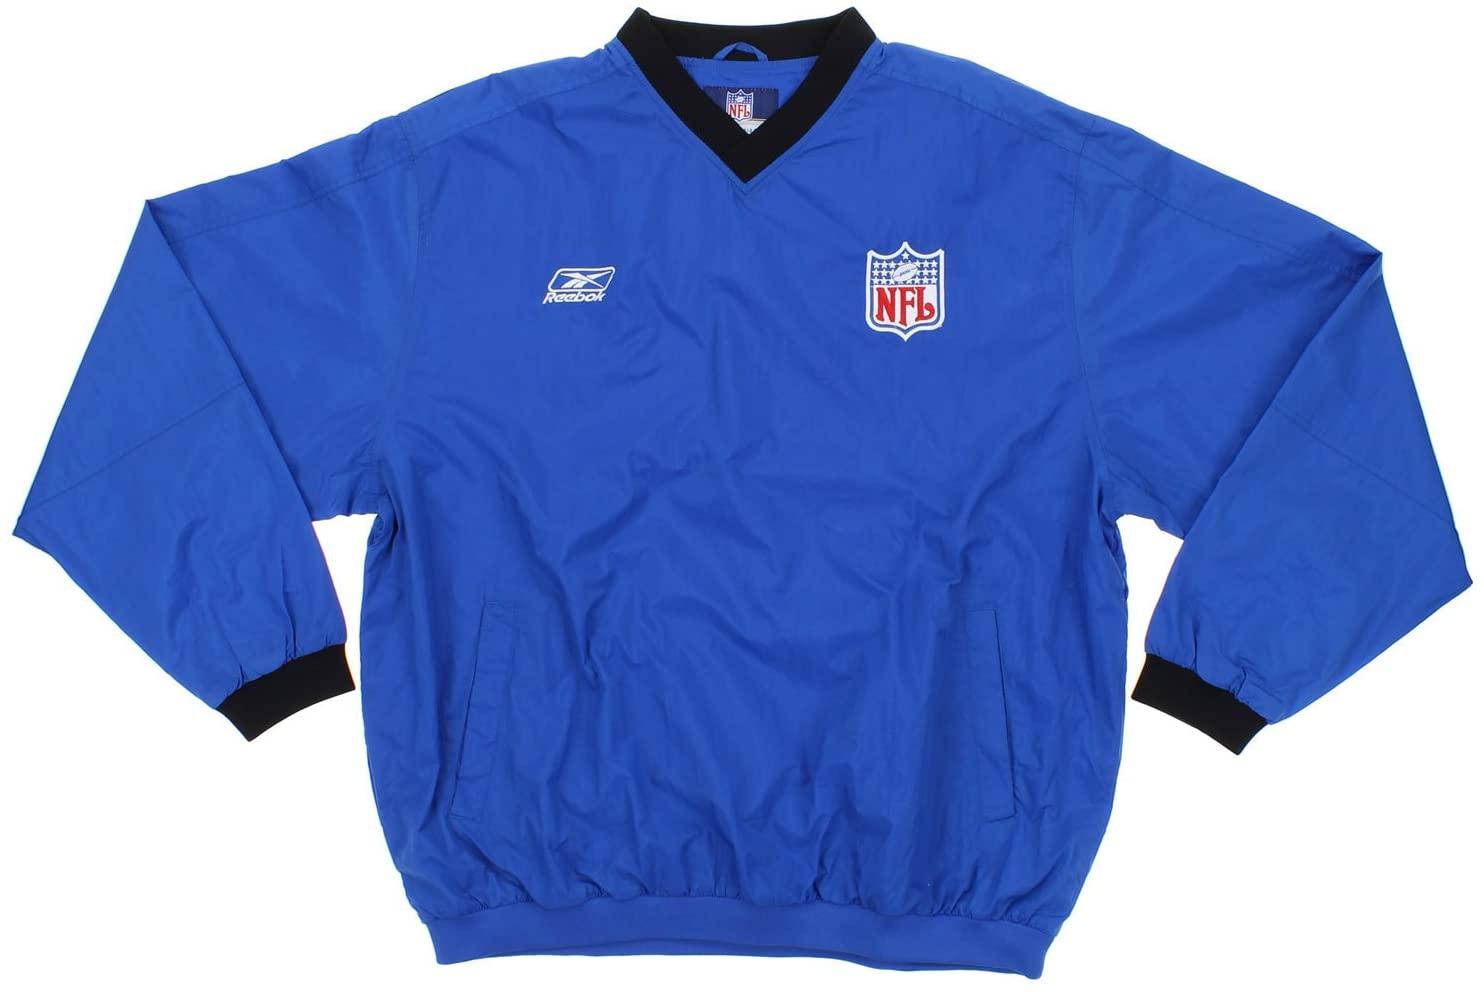 NFL Football Big Mens Sideline V-Neck Pullover Hot Jacket, Royal